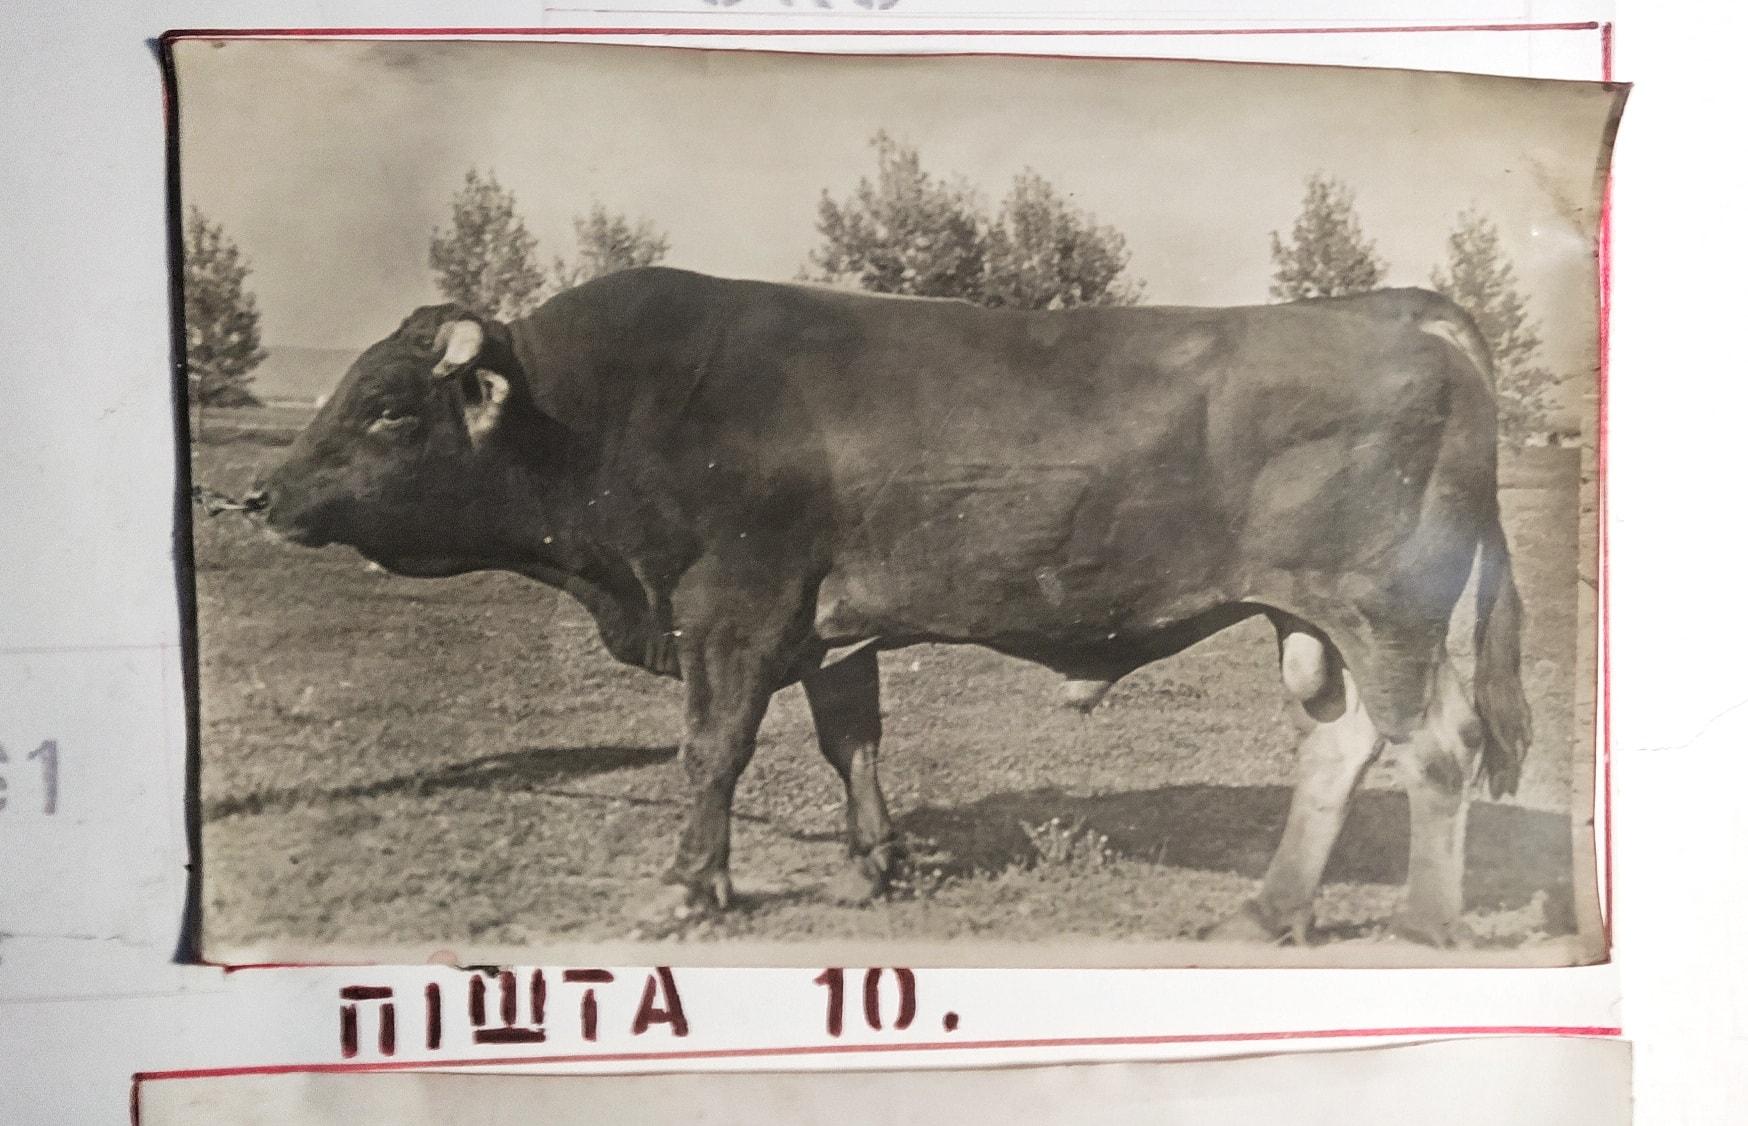 Унікальна та пізнавальна екскурсія в Мукачево від Максима Адаменко. Ви потрапите у світ генетики, біології та дізнаєтесь цікаві факти, спростуєте фейки та позбудетесь стереотипів.